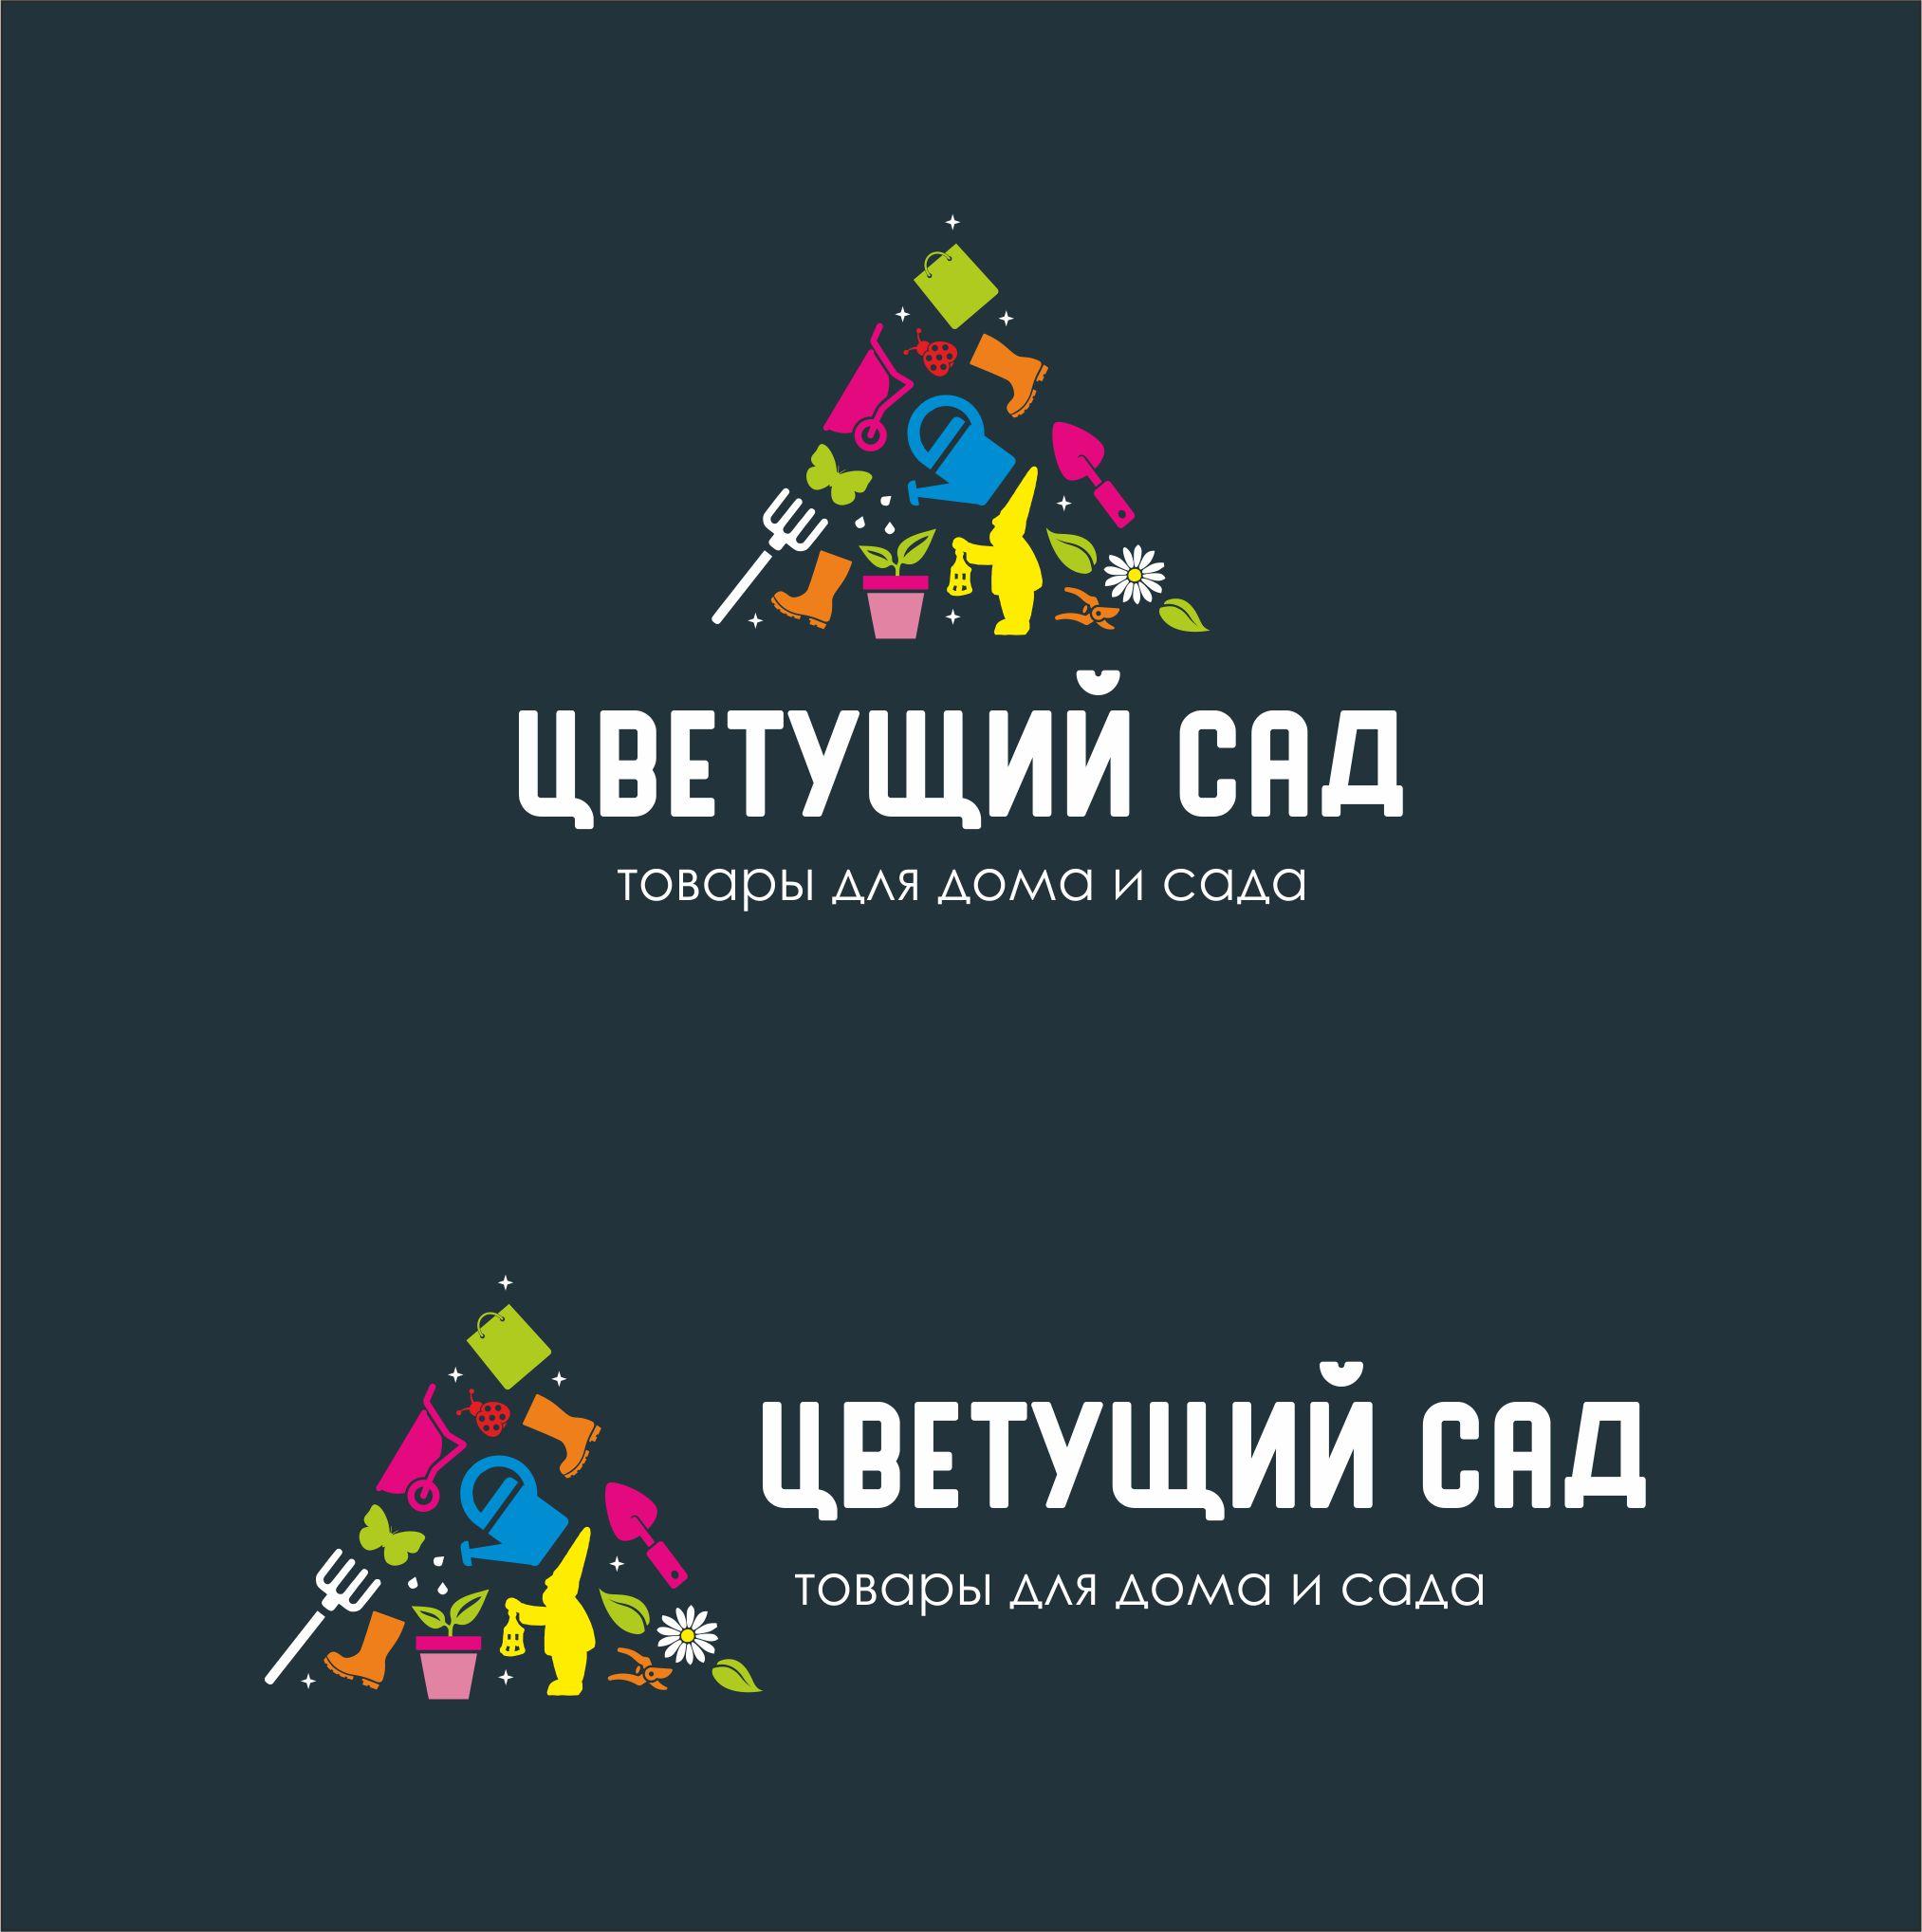 """Логотип для компании """"Цветущий сад"""" фото f_4935b7148fd692d7.jpg"""